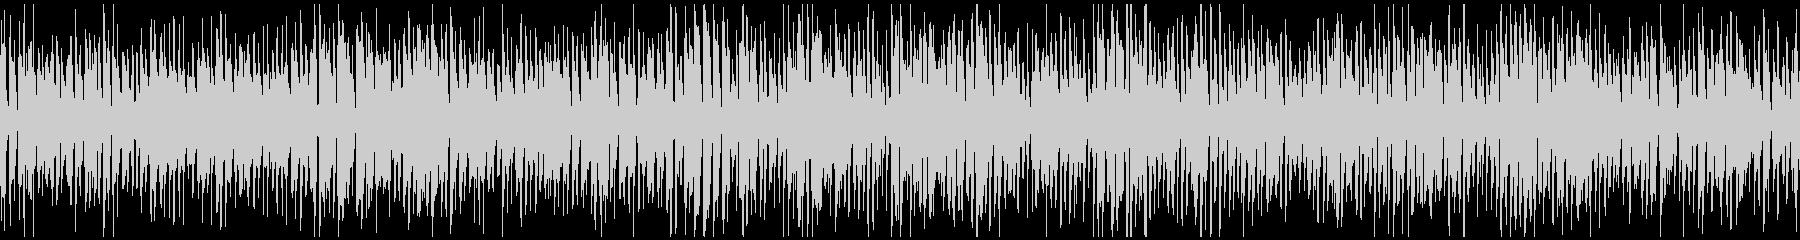 楽しいウキウキ系のレトロジャズ※ループ版の未再生の波形